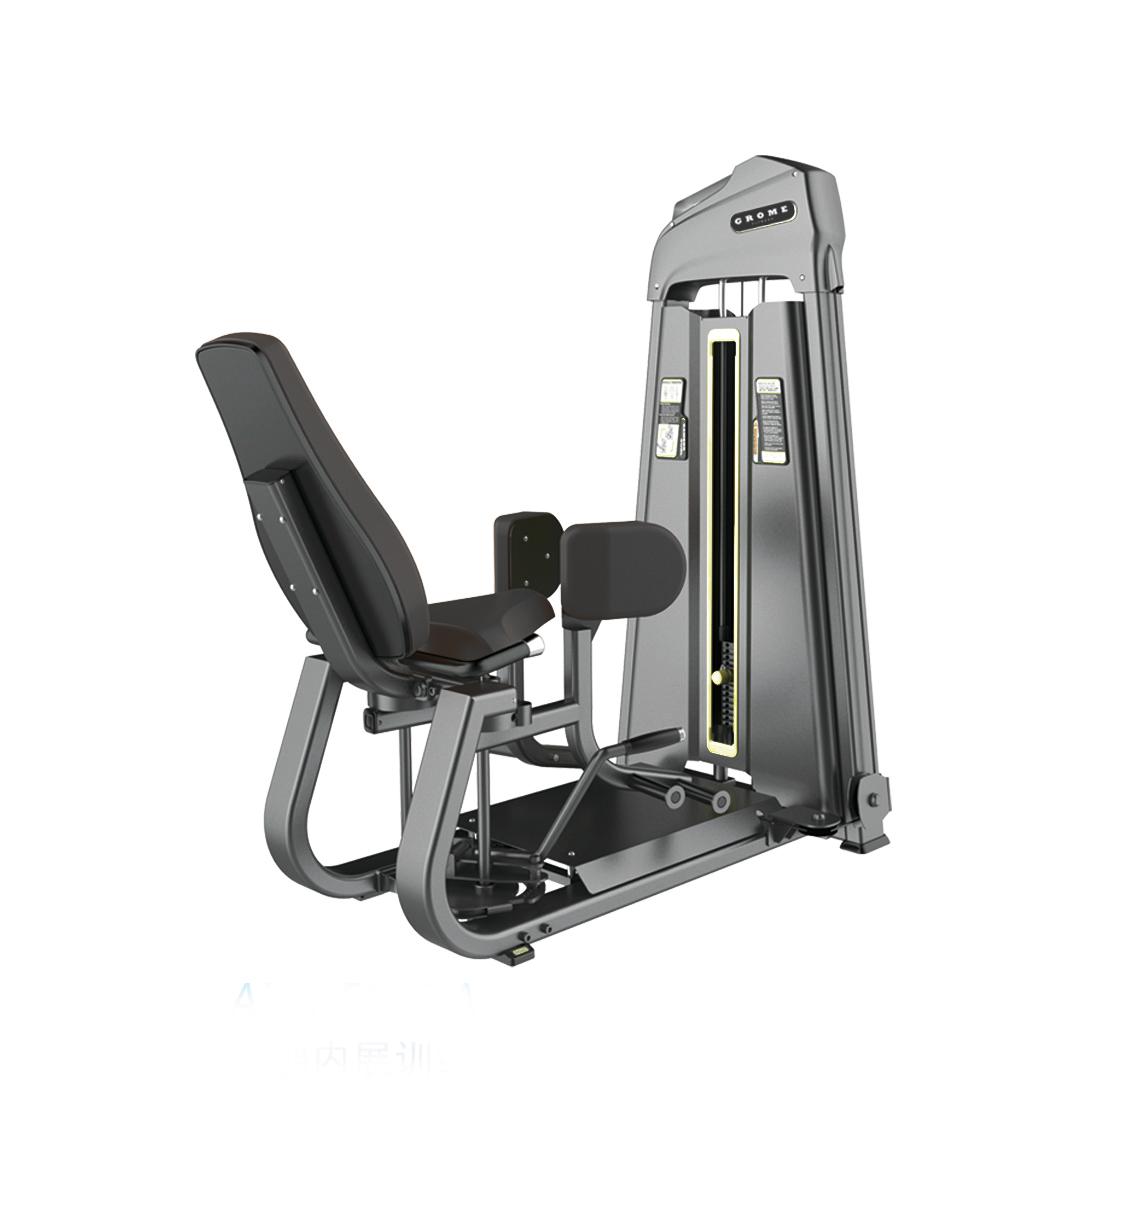 Тренажер GROME Fitness AXD5022A Сведение ног